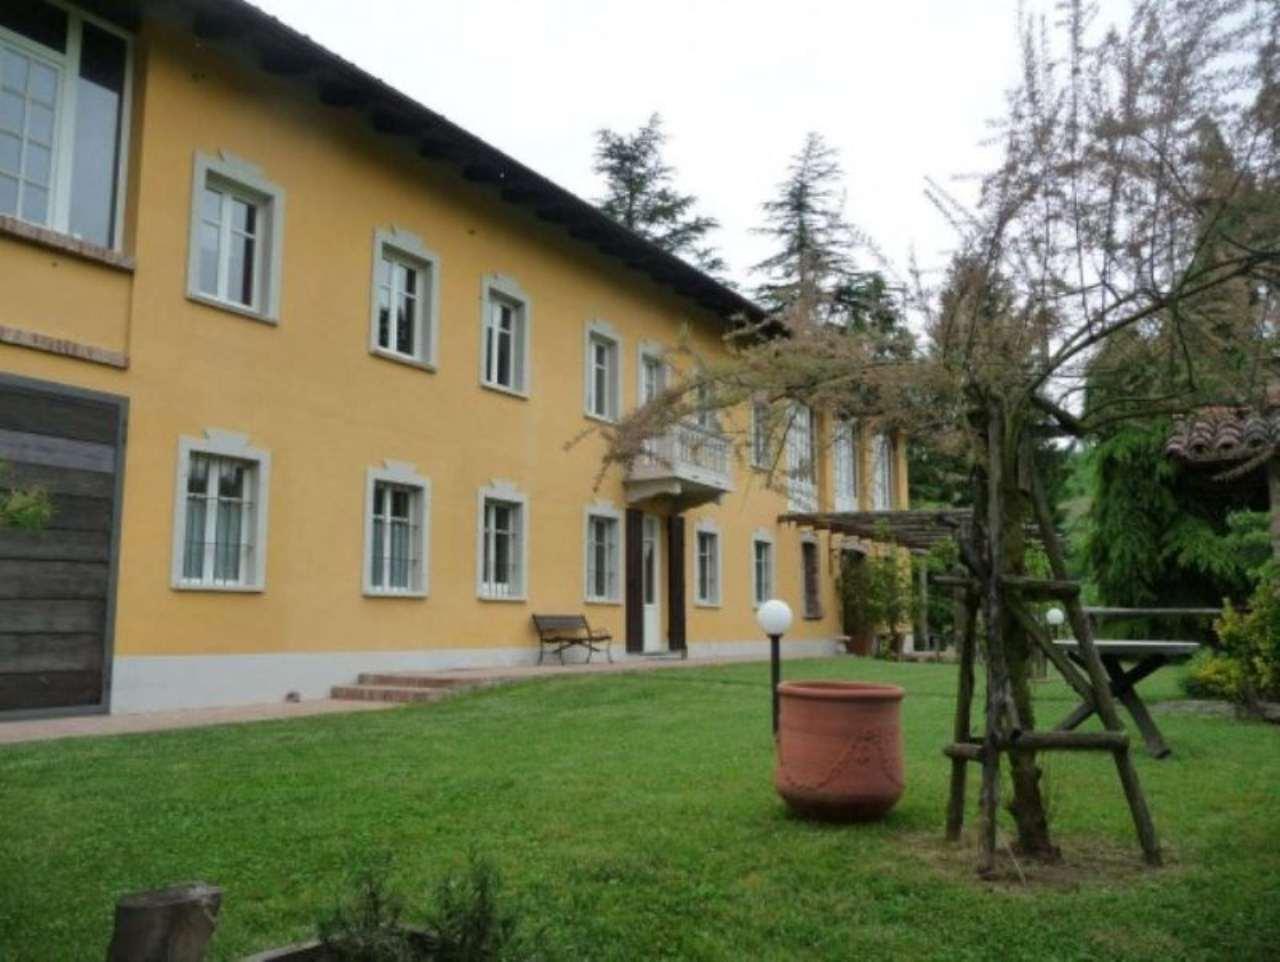 Rustico / Casale in vendita a Frinco, 6 locali, Trattative riservate | Cambio Casa.it